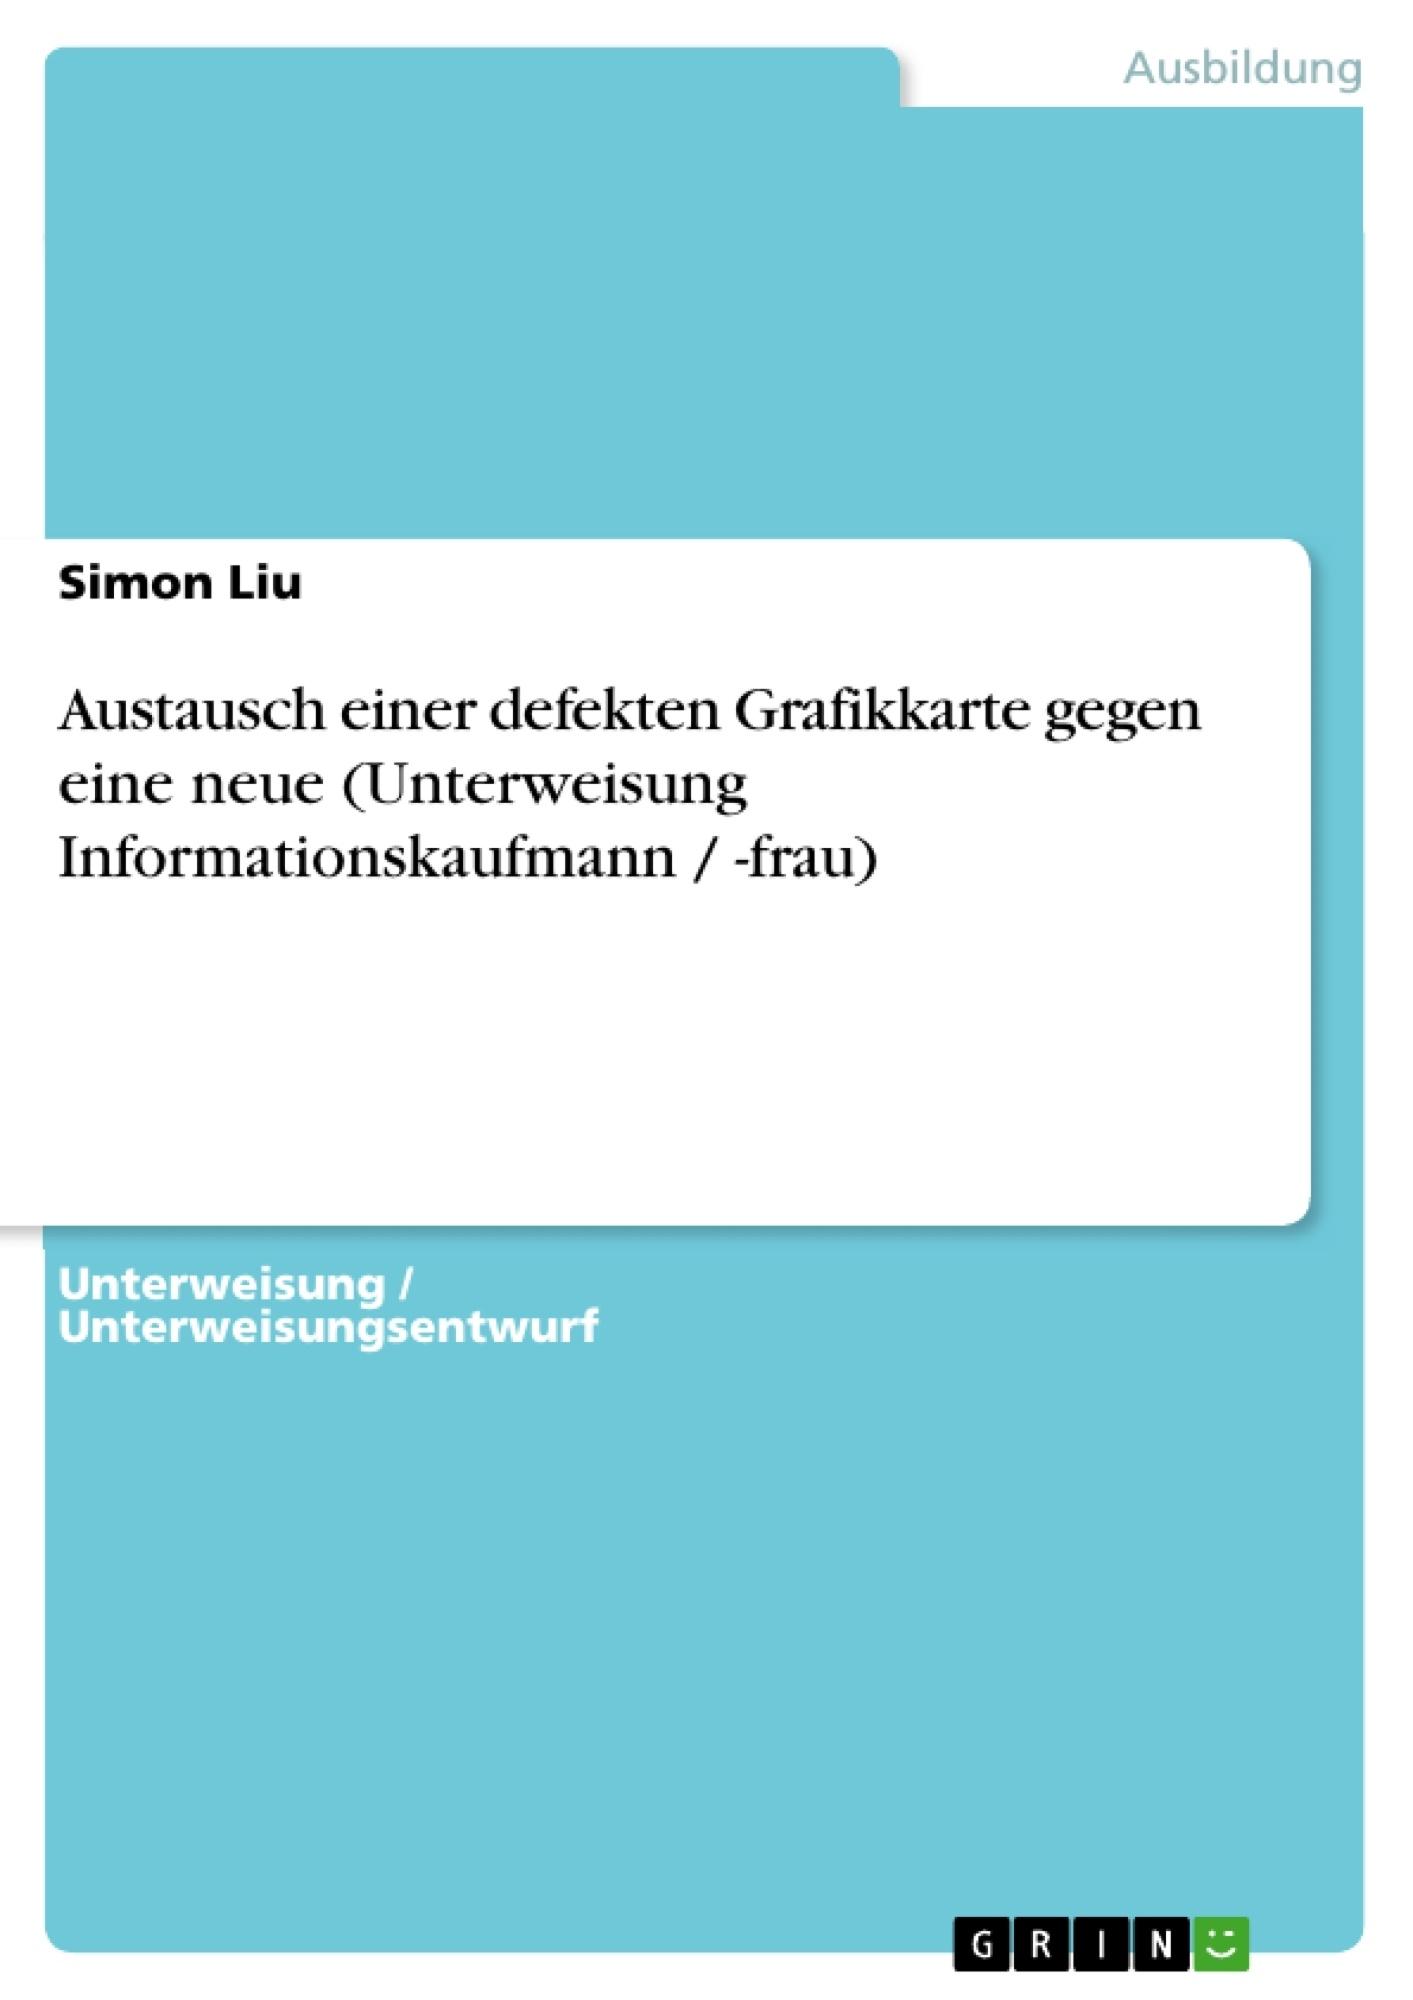 Titel: Austausch einer defekten Grafikkarte gegen eine neue (Unterweisung Informationskaufmann / -frau)